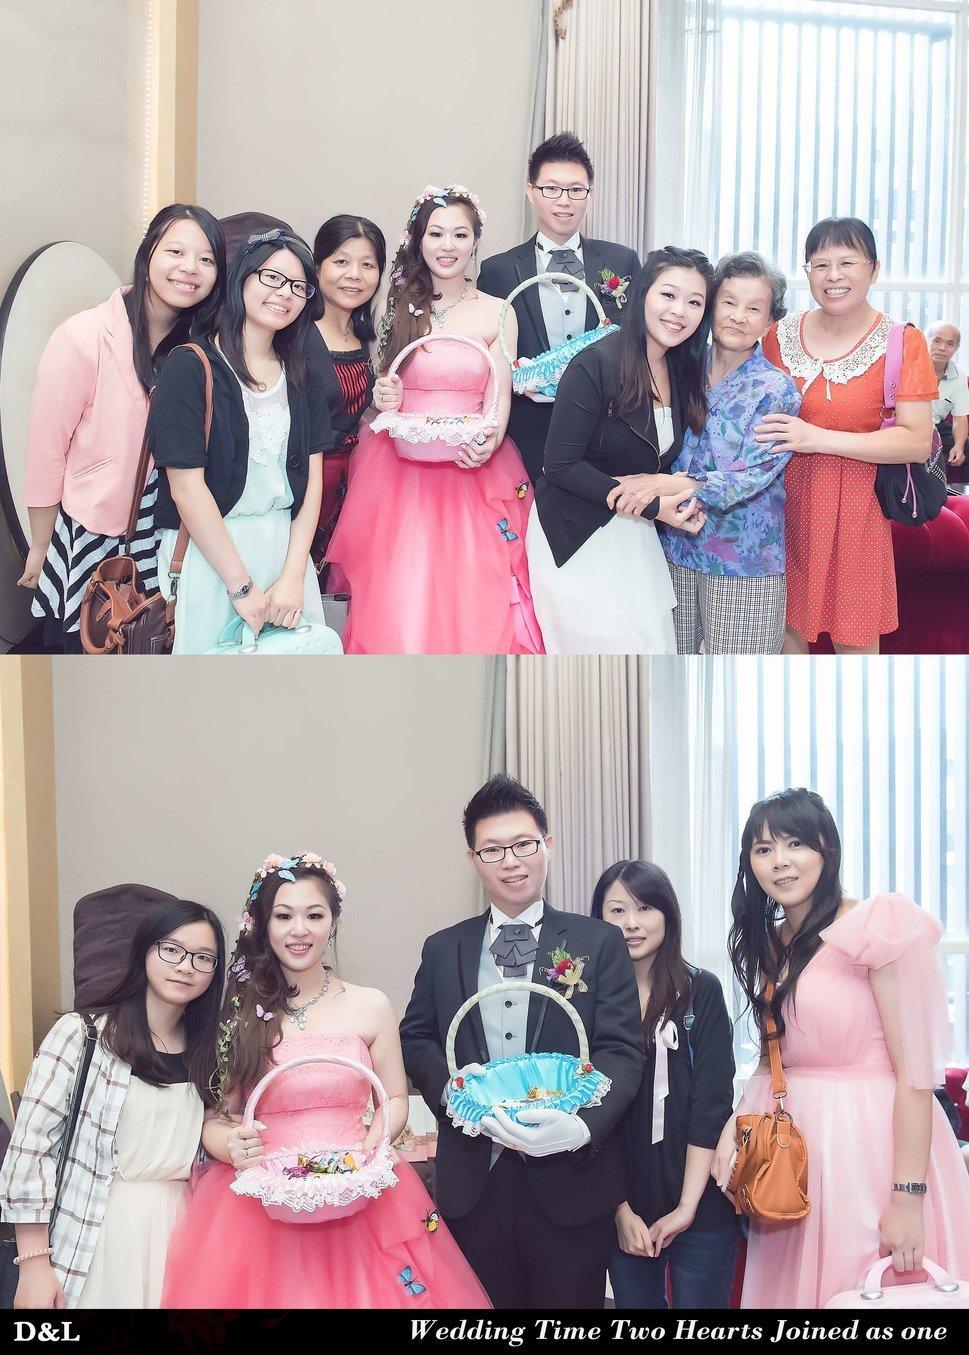 婚禮紀錄-顥天&美彣(編號:253215) - D&L 婚禮事務-婚禮攝影/婚紗攝影 - 結婚吧一站式婚禮服務平台